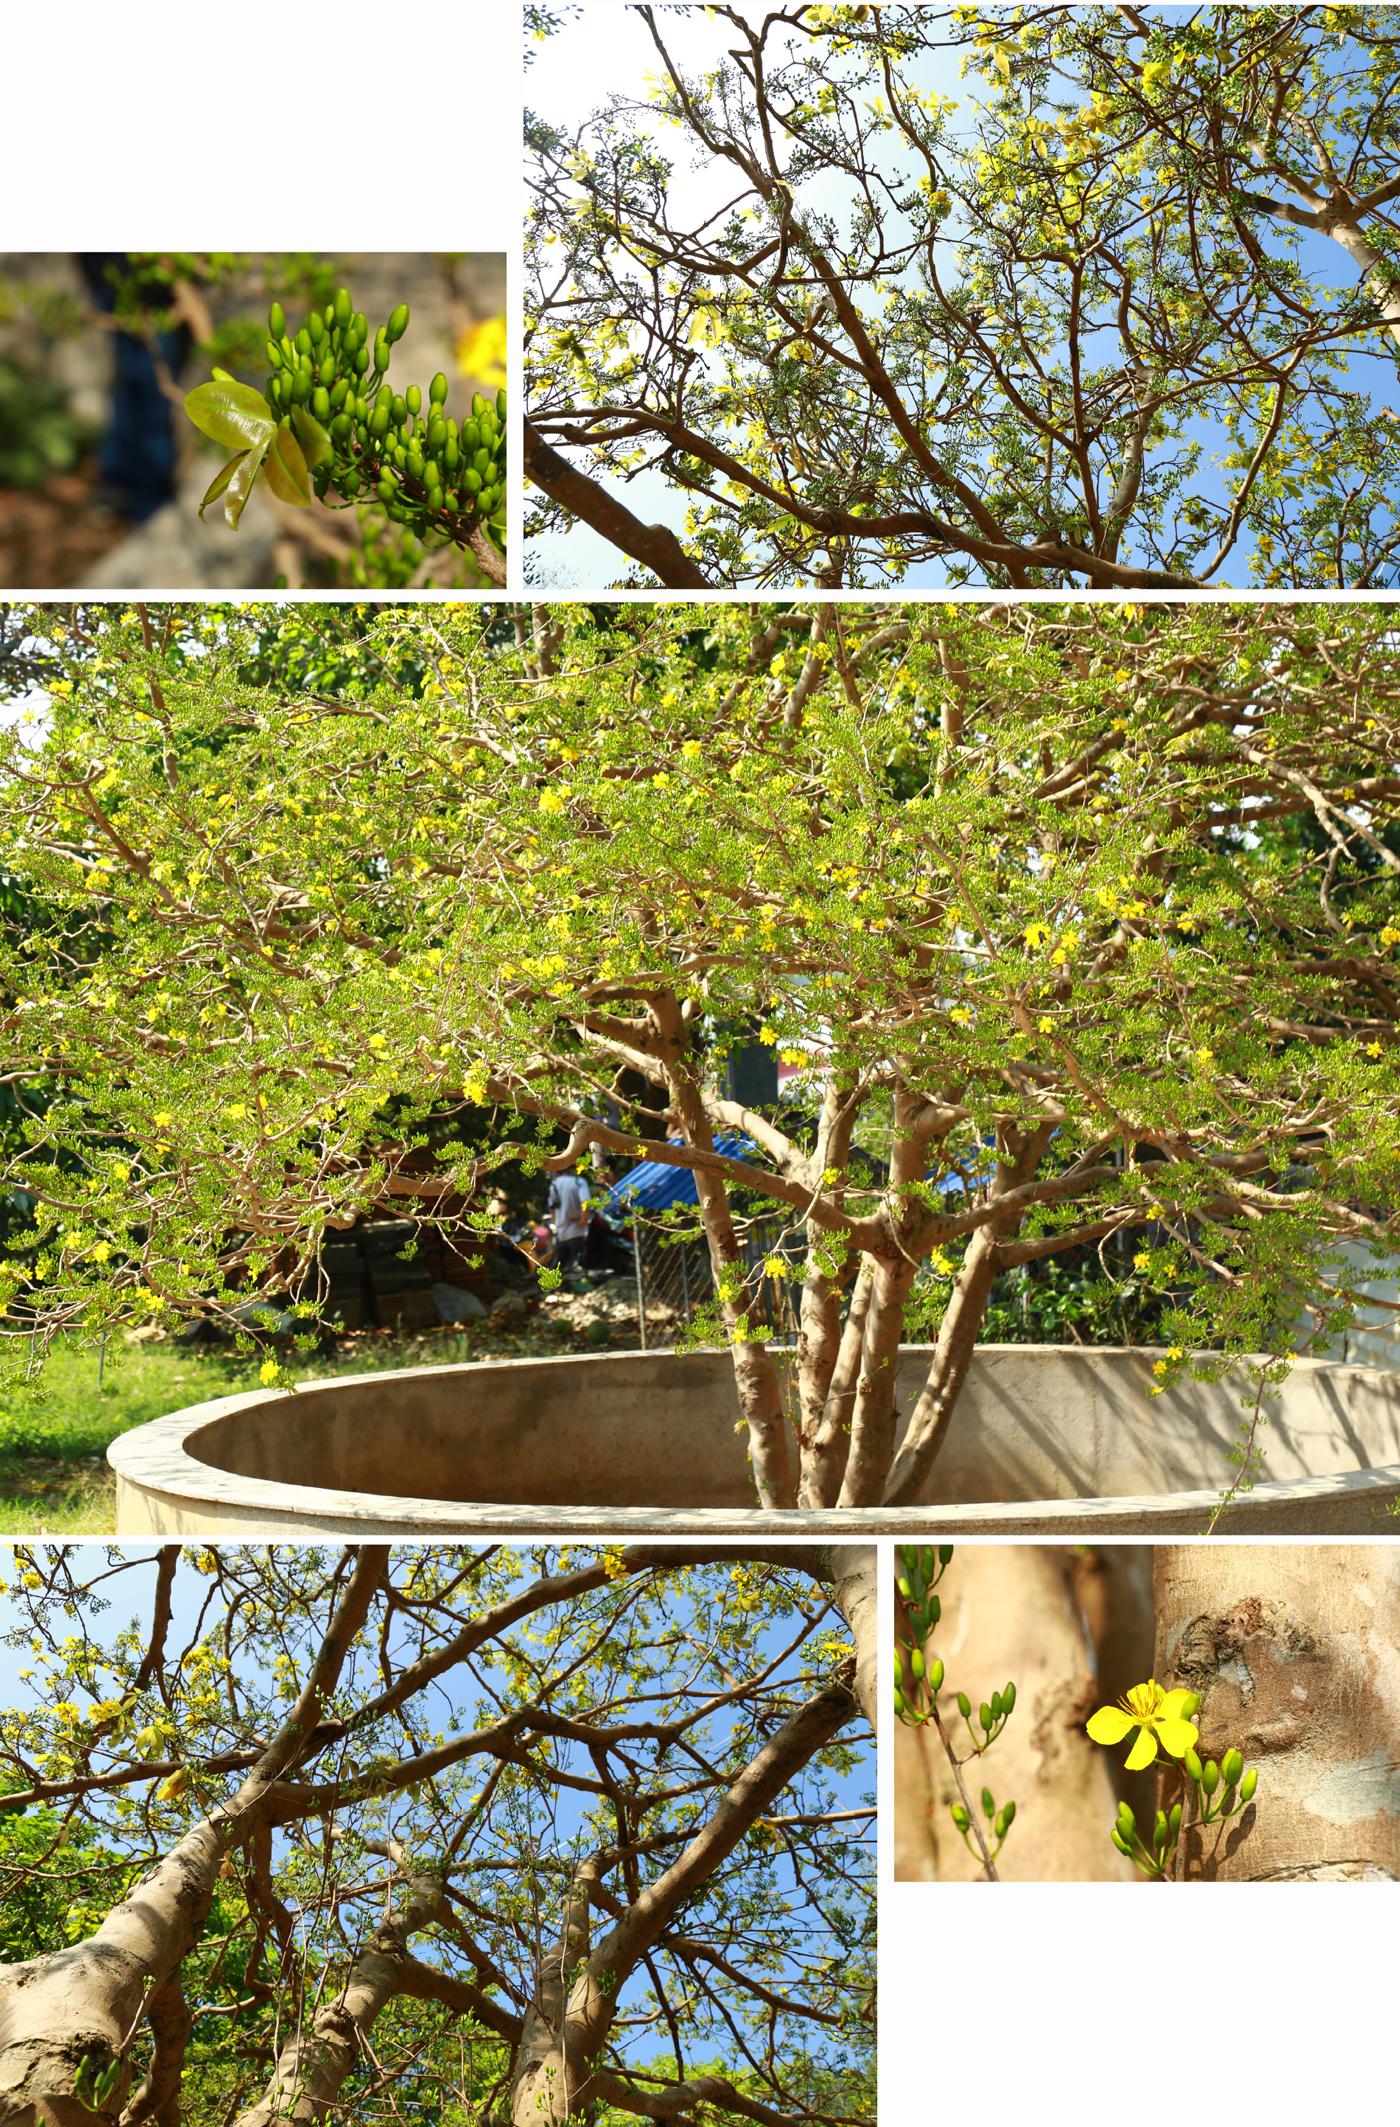 Ngắm cây mai 'khổng lồ' ở Bà Rịa - Vũng Tàu ảnh 10